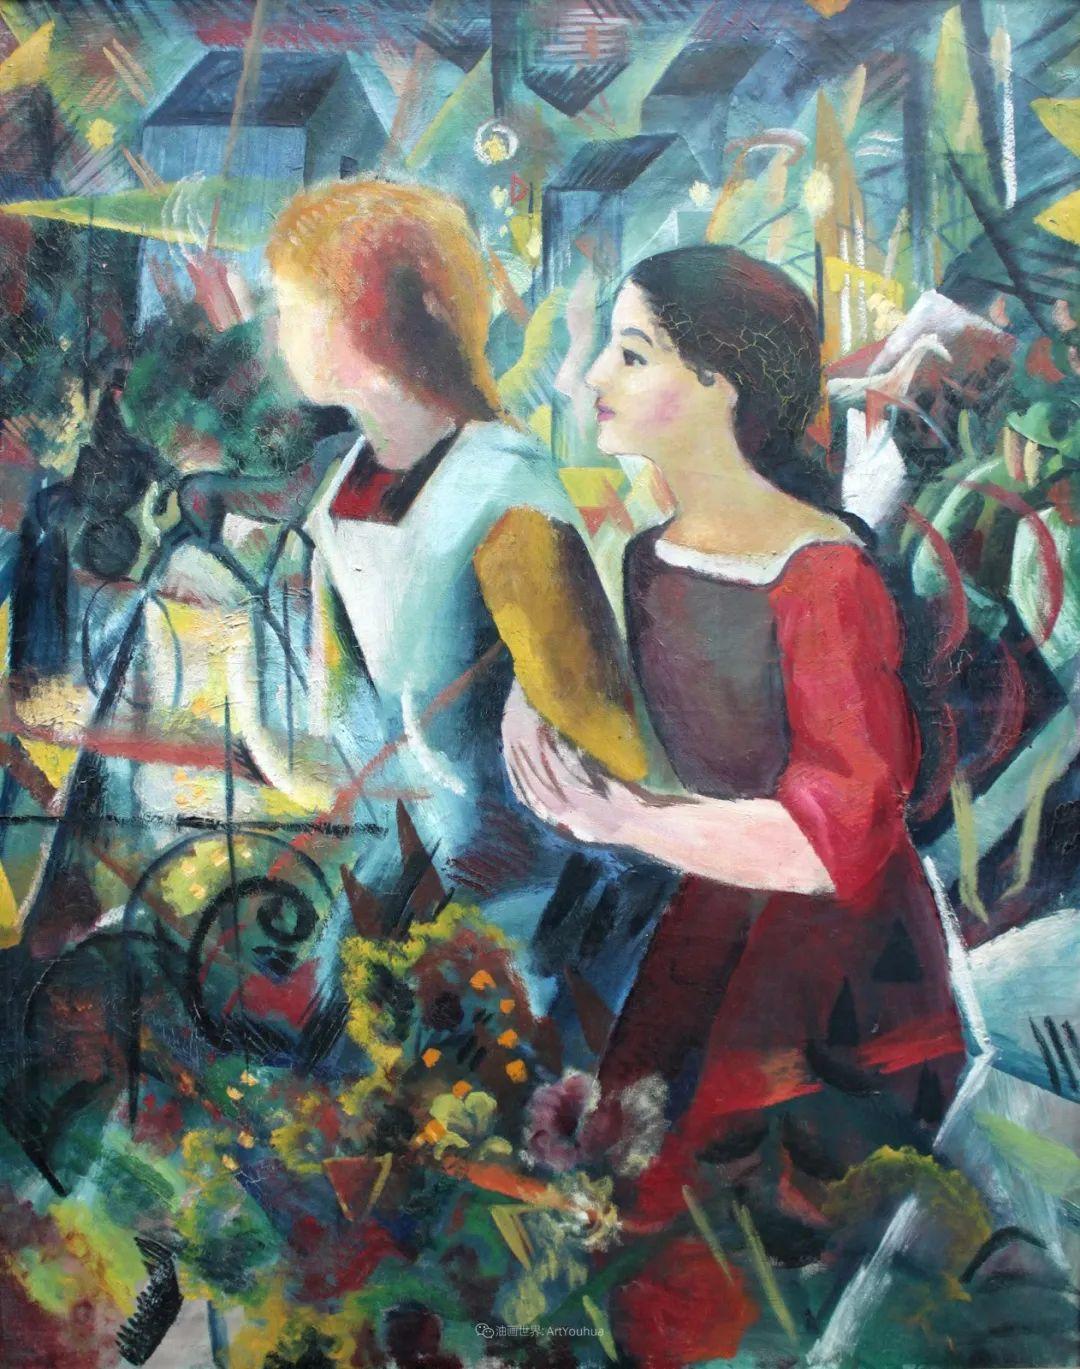 画面色彩的力量,德国表现主义画家奥古斯特·马克插图41